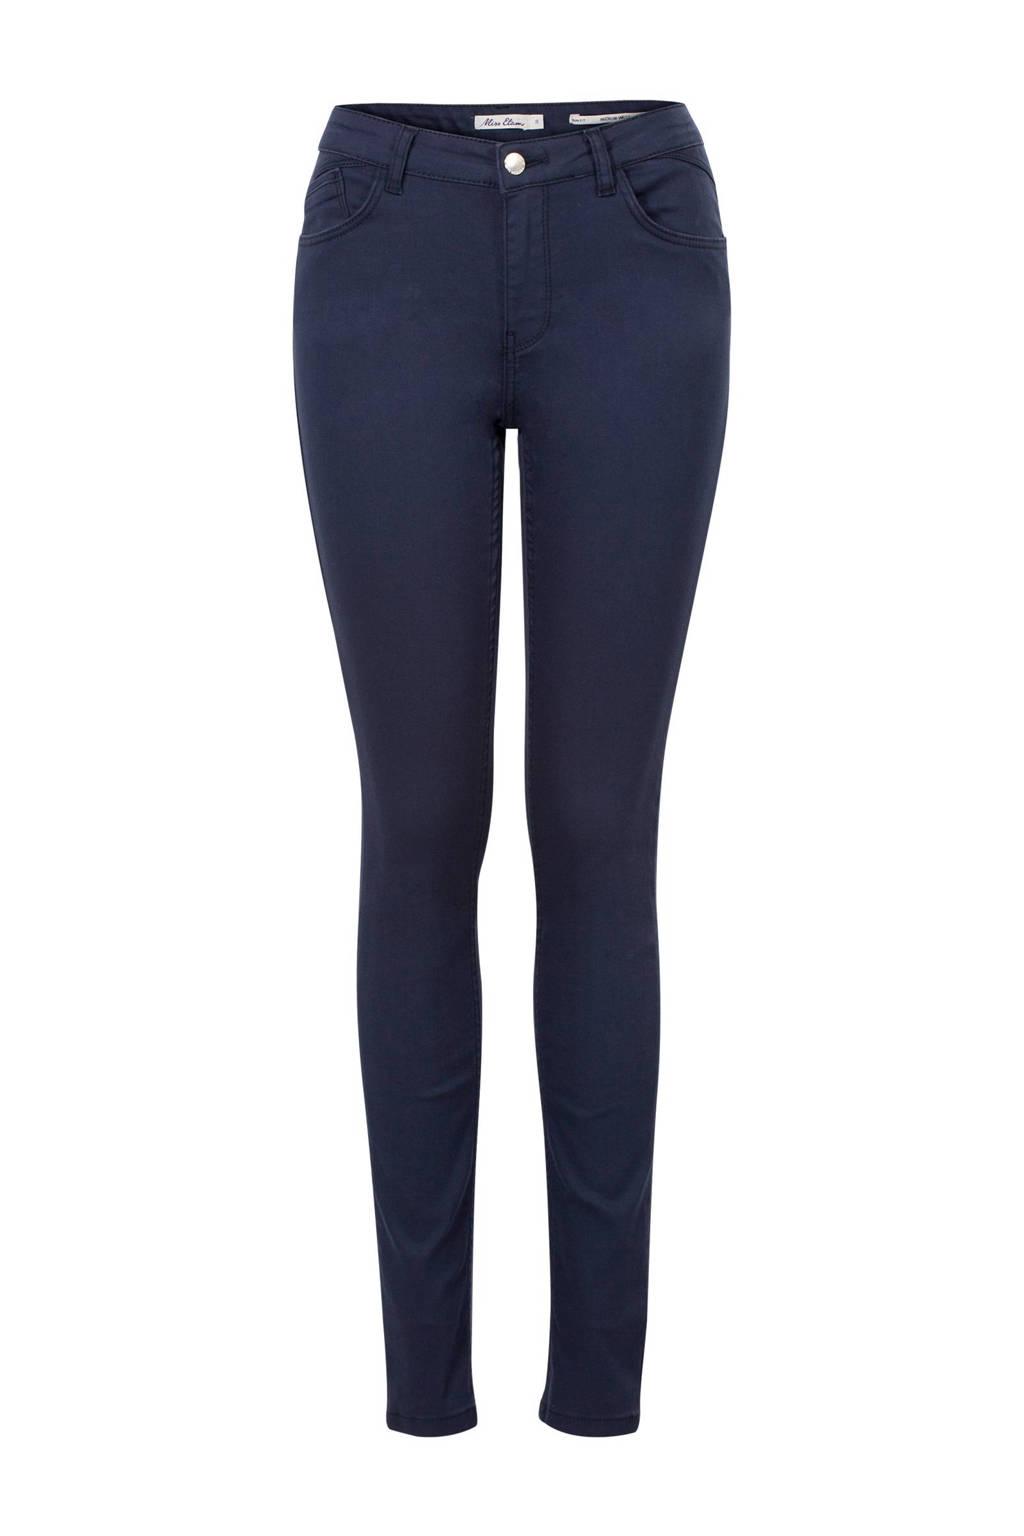 Miss Etam Lang slim fit broek 36 inch, Marine